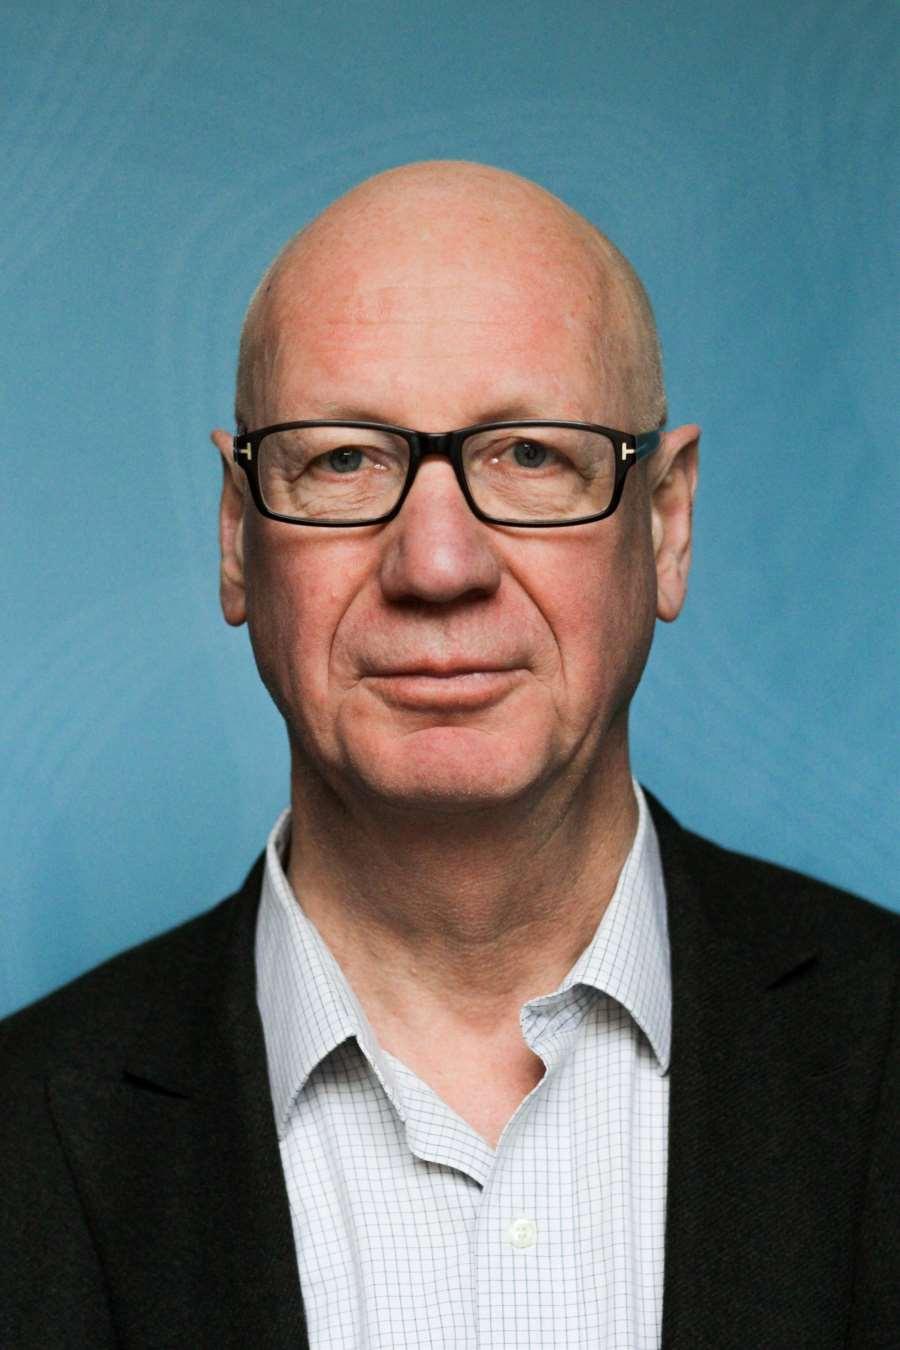 Trond Bakkevig Awarded Prize